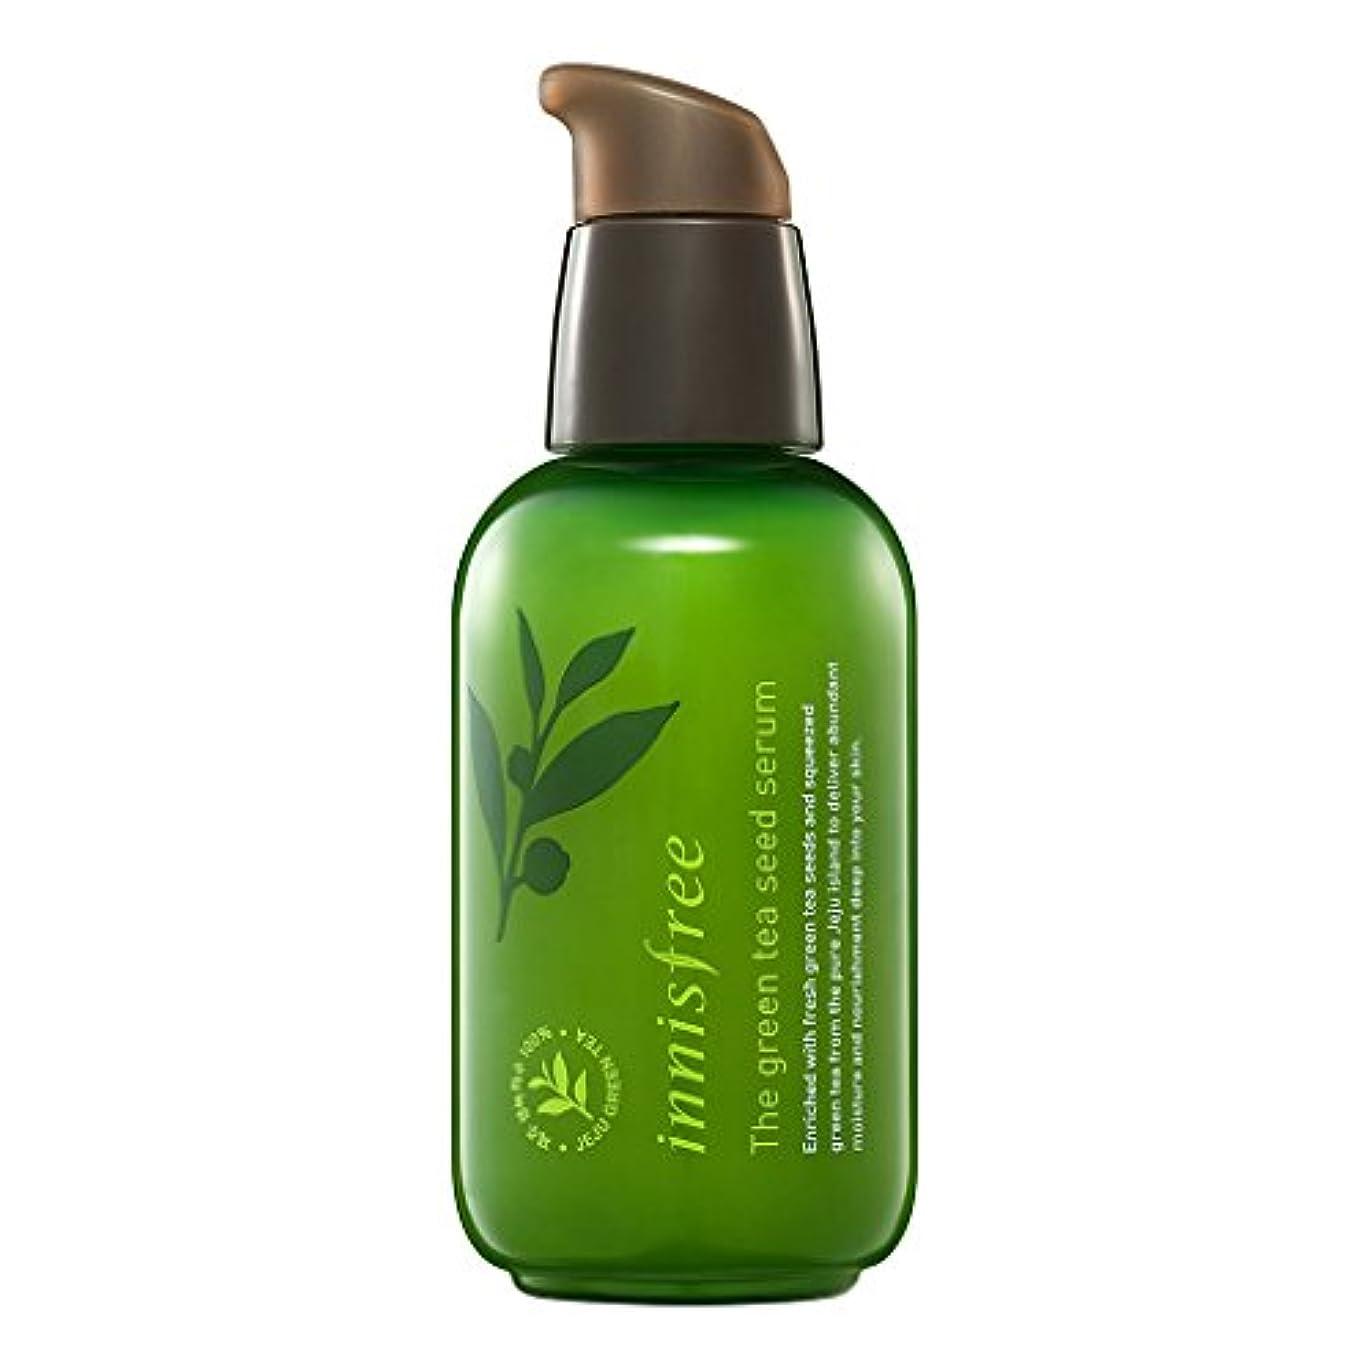 ハードシアーセットアップinnisfree(イニスフリー) The green tea seed serum グリーンティー シード セラム